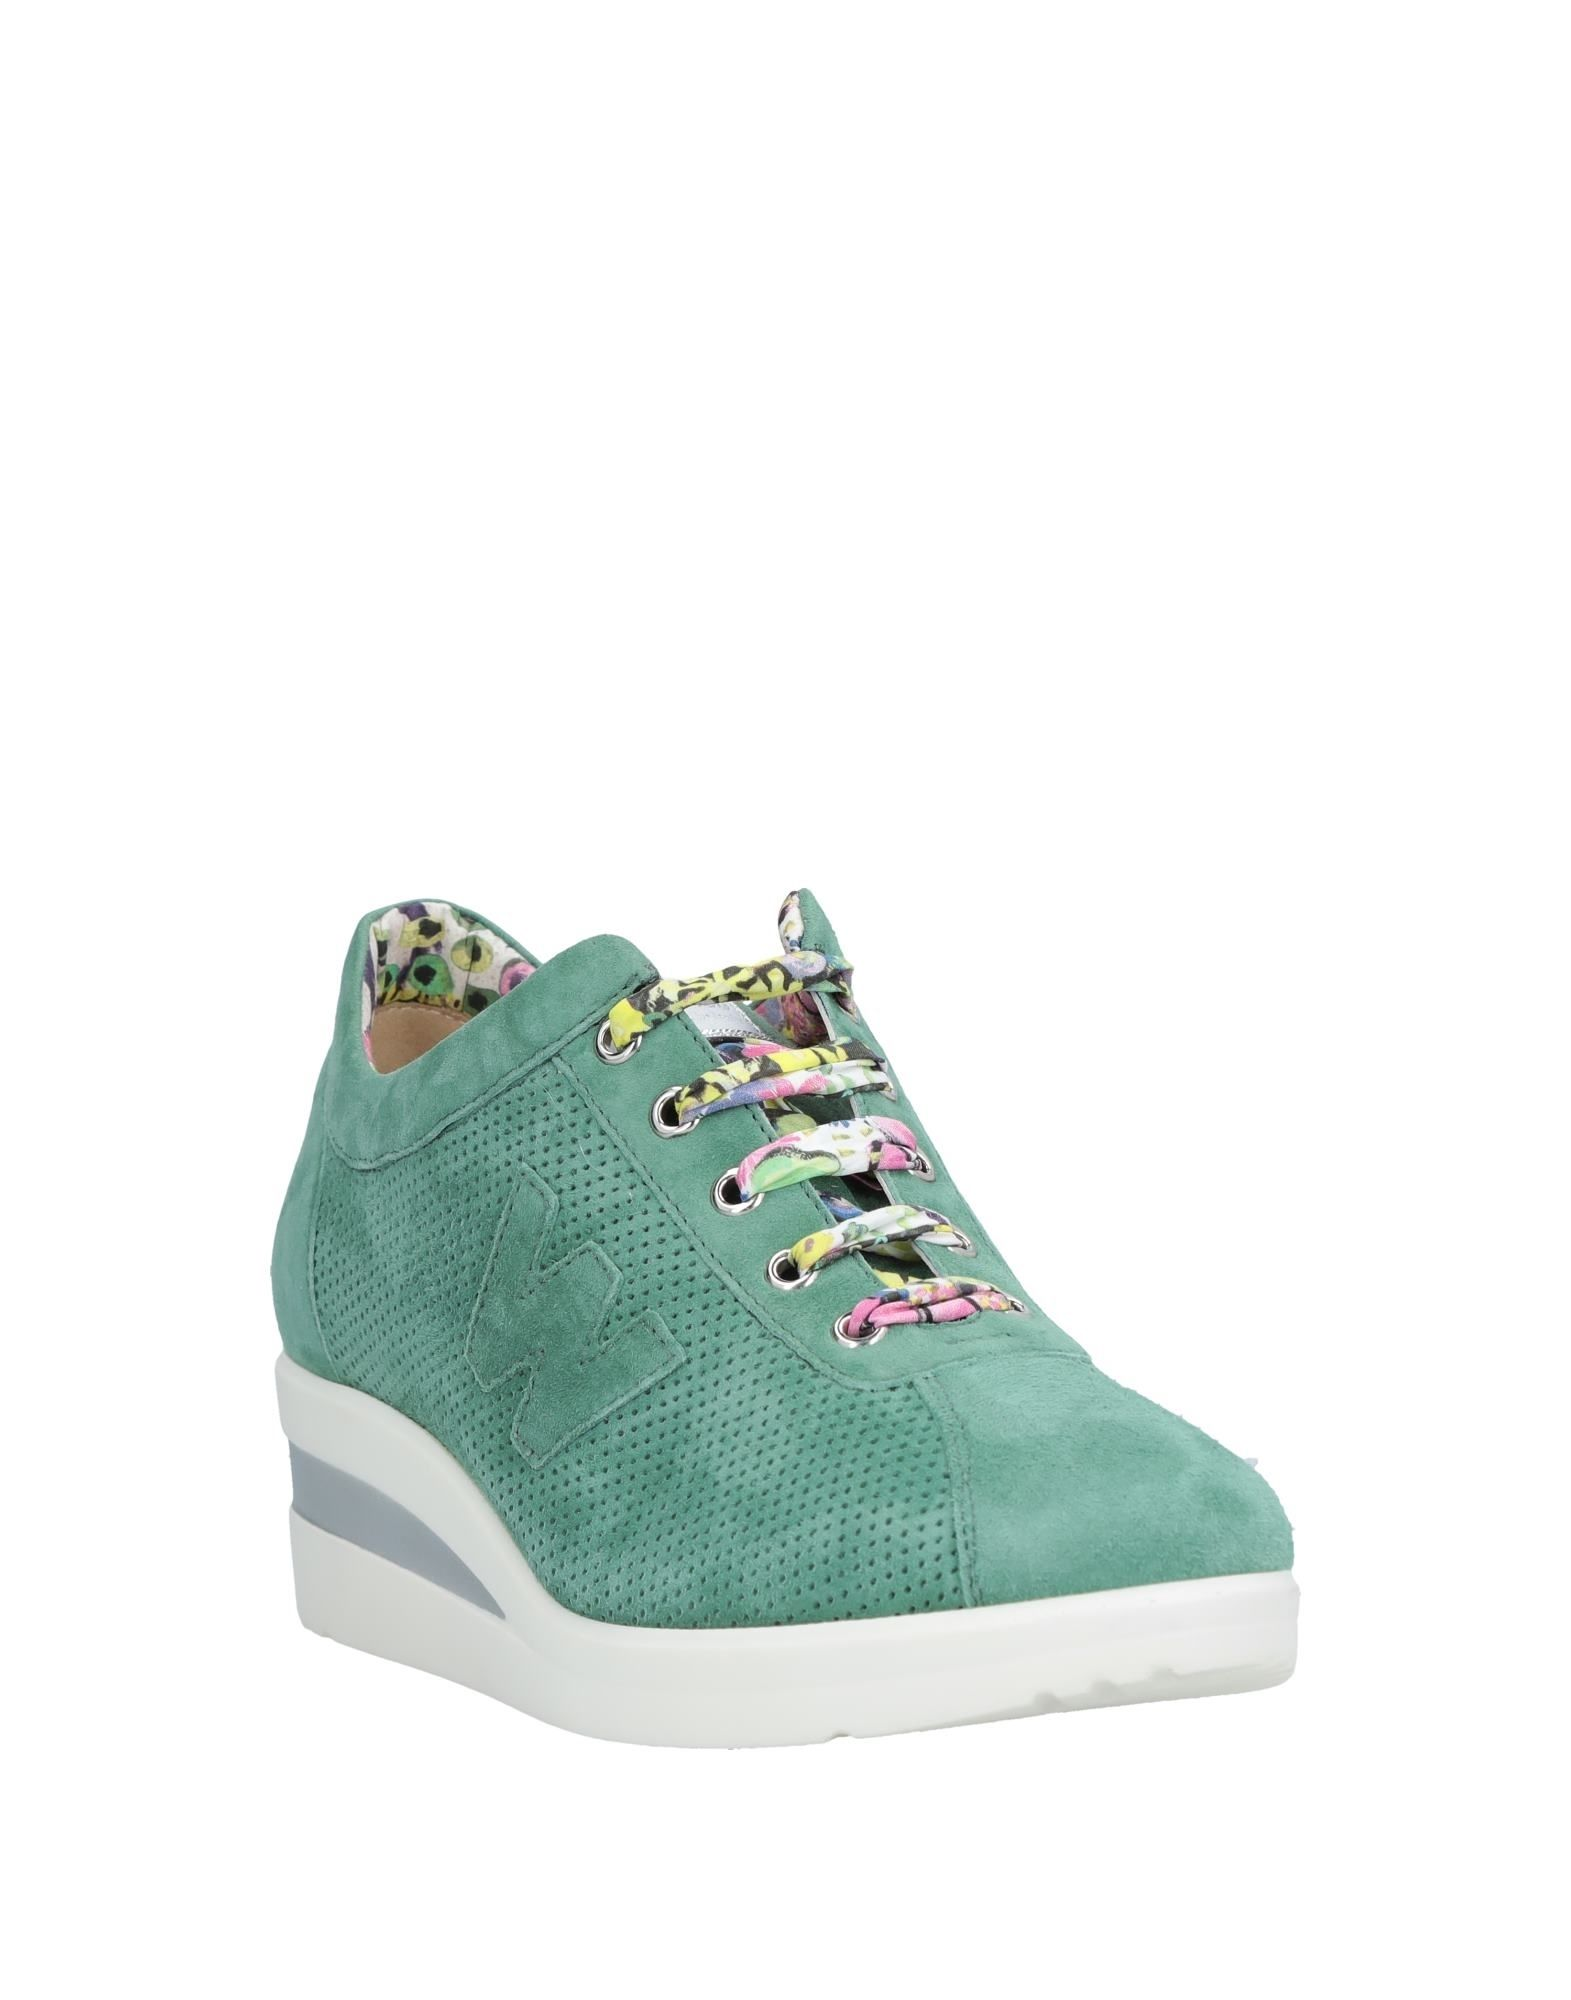 Walk By Melluso  Sneakers Damen  Melluso 11403098CW  82e6dc